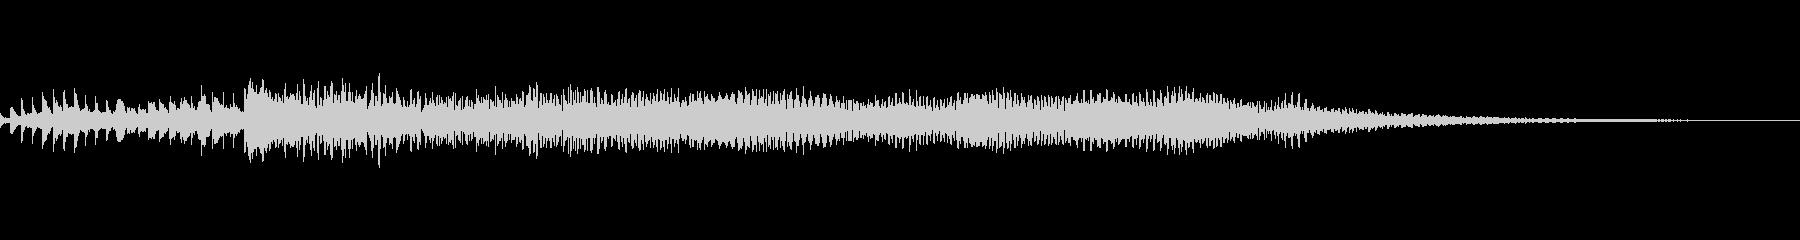 不思議なロールヒットの未再生の波形